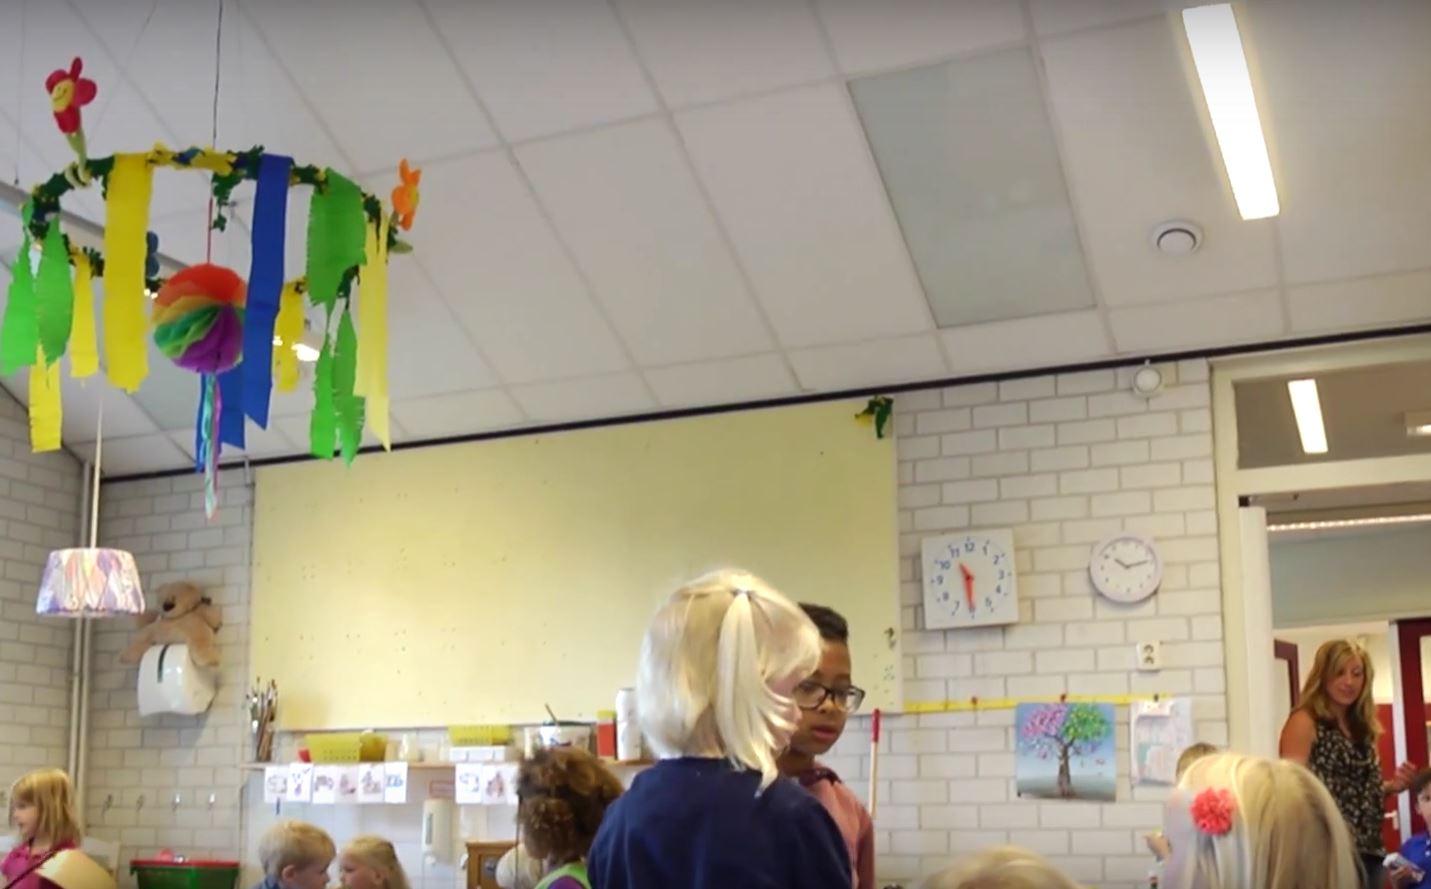 Warmtepanelen voor Basisschool De Binnendijk